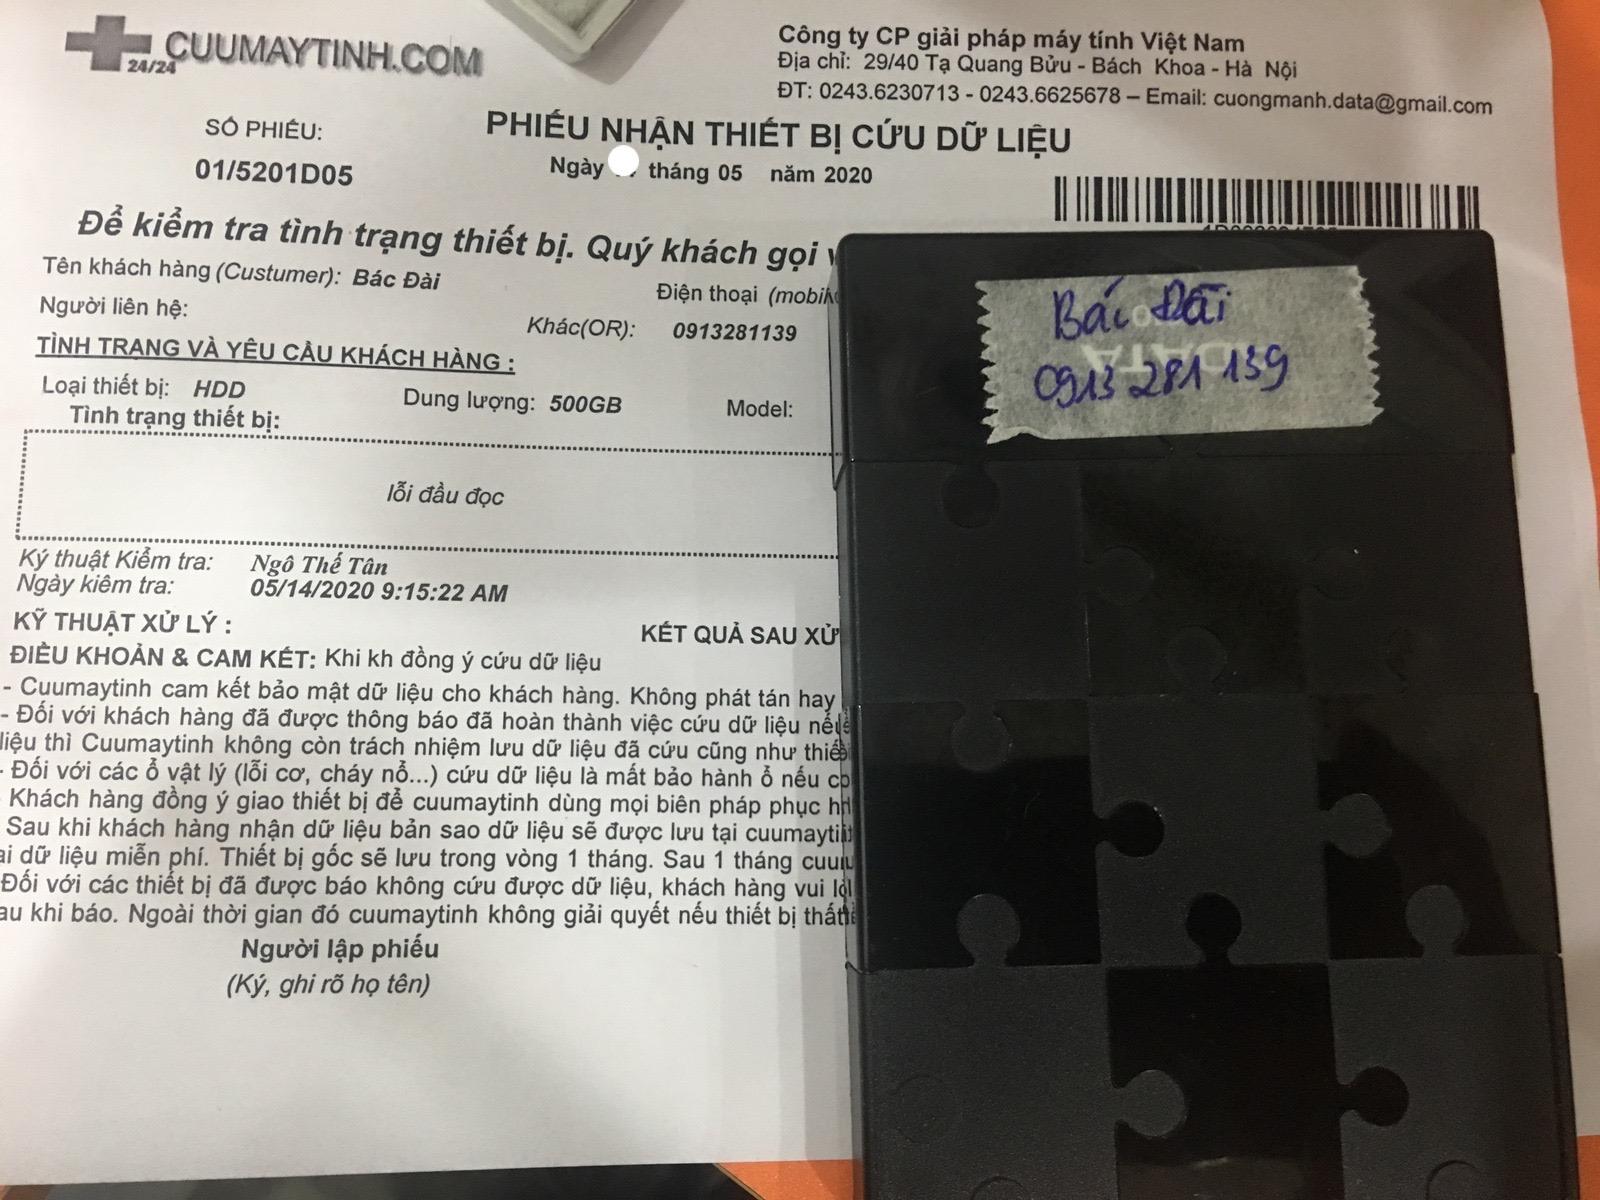 Cứu dữ liệu ổ cứng HDD 500GB lỗi đầu đọc 19/05/2020 - cuumaytinh